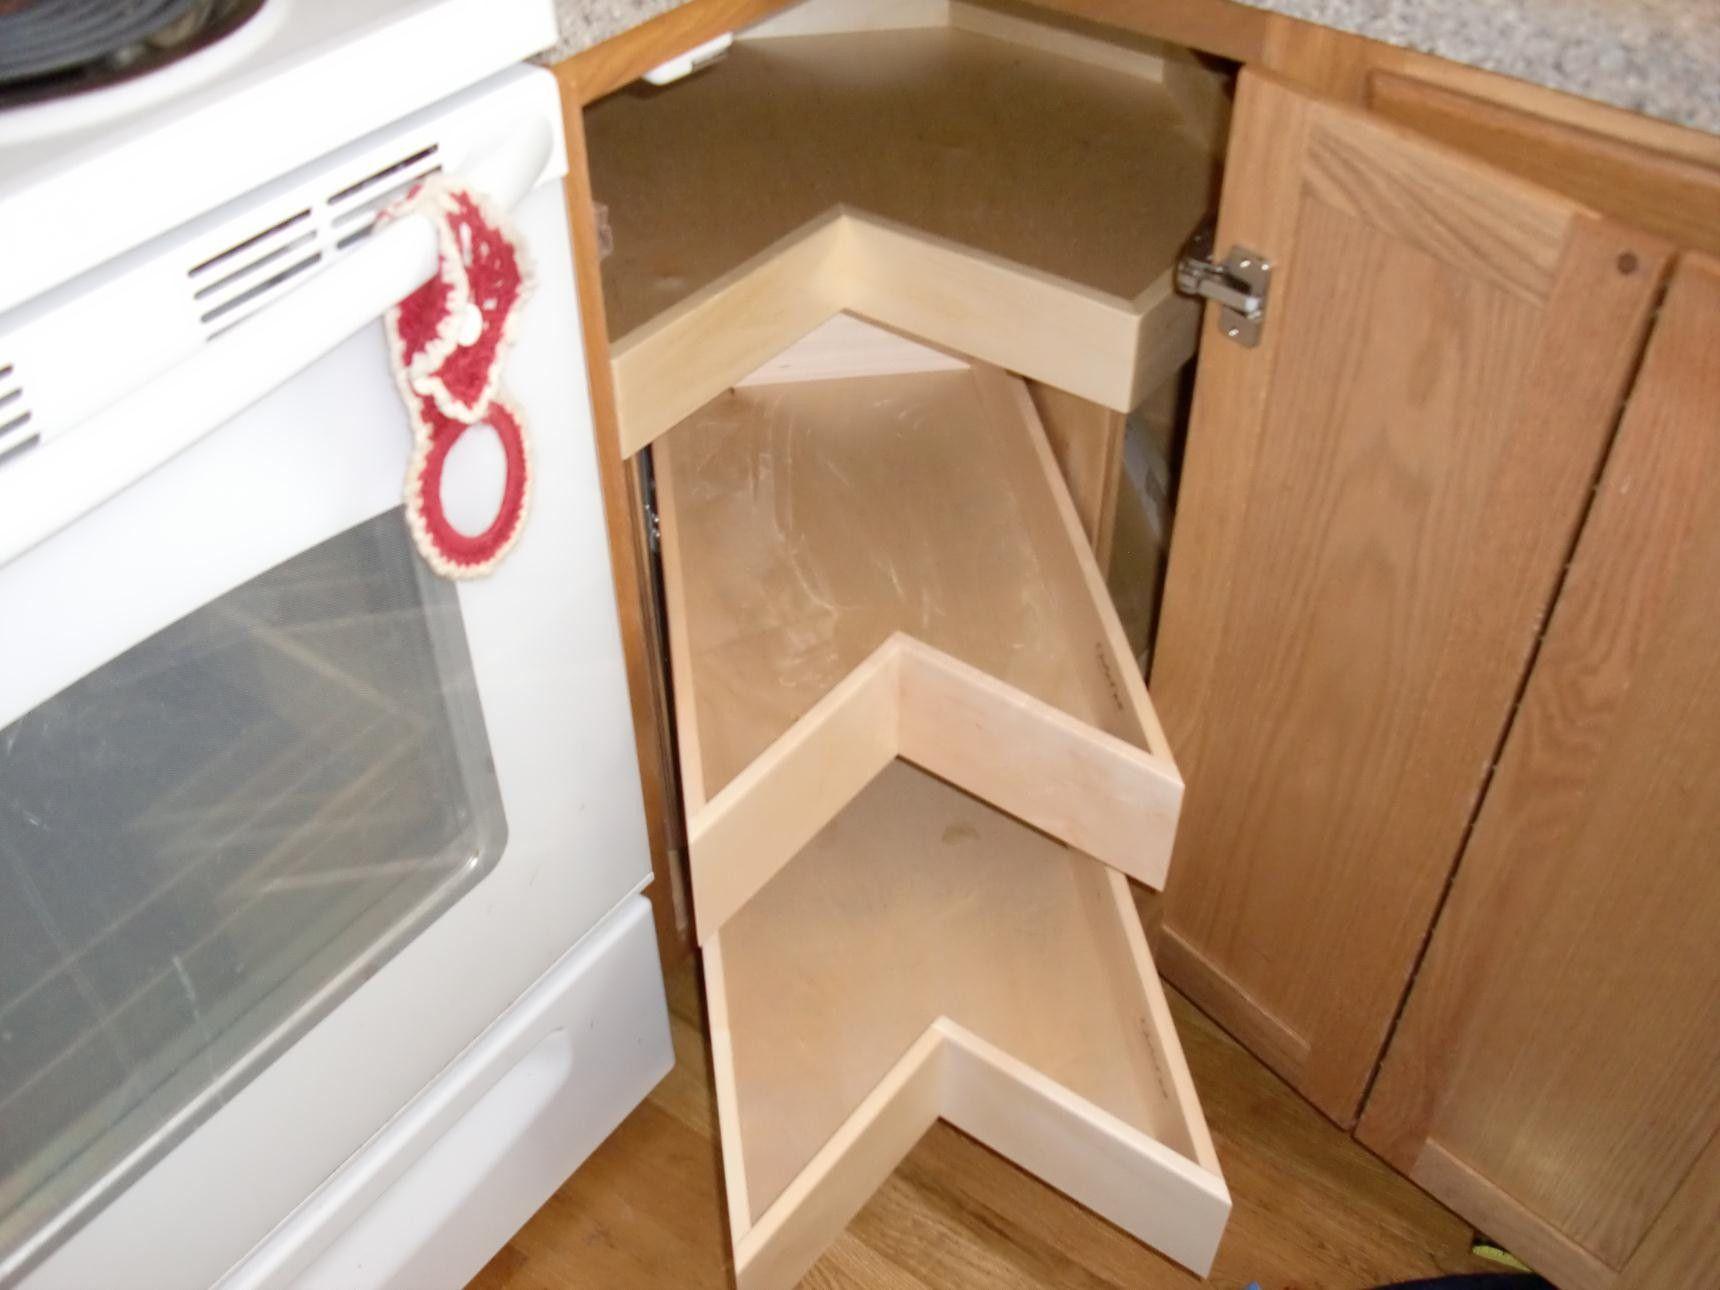 Schubladen Für Küche Schränke - Küchen | Hausmodelle | Pinterest ...